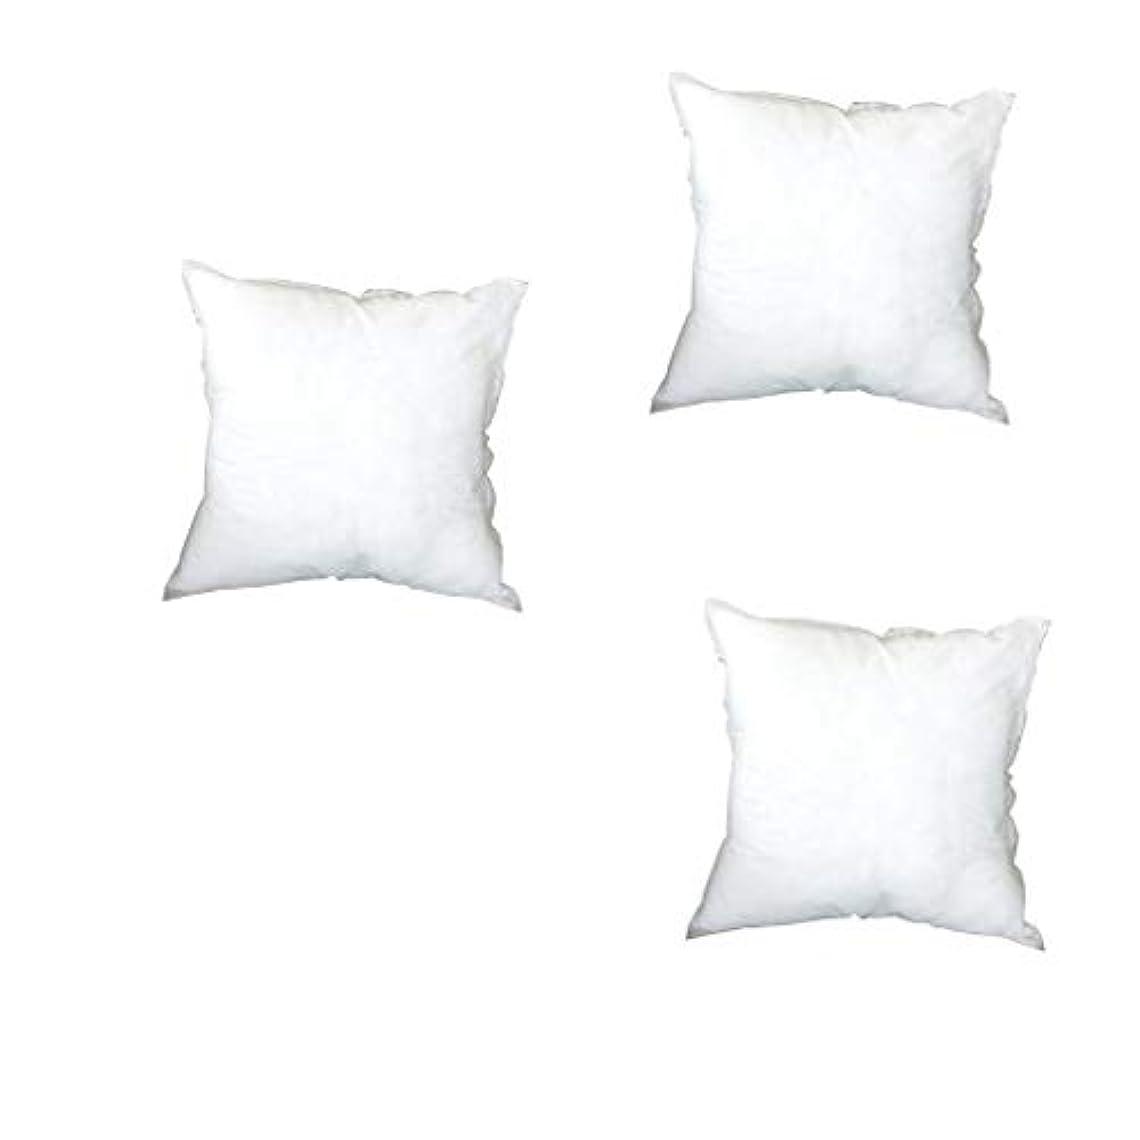 オペレーター副受け入れたLIFE 寝具正方形 PP 綿枕インテリア家の装飾白 45 × 45 車のソファチェアクッション coussin decoratif 新 クッション 椅子